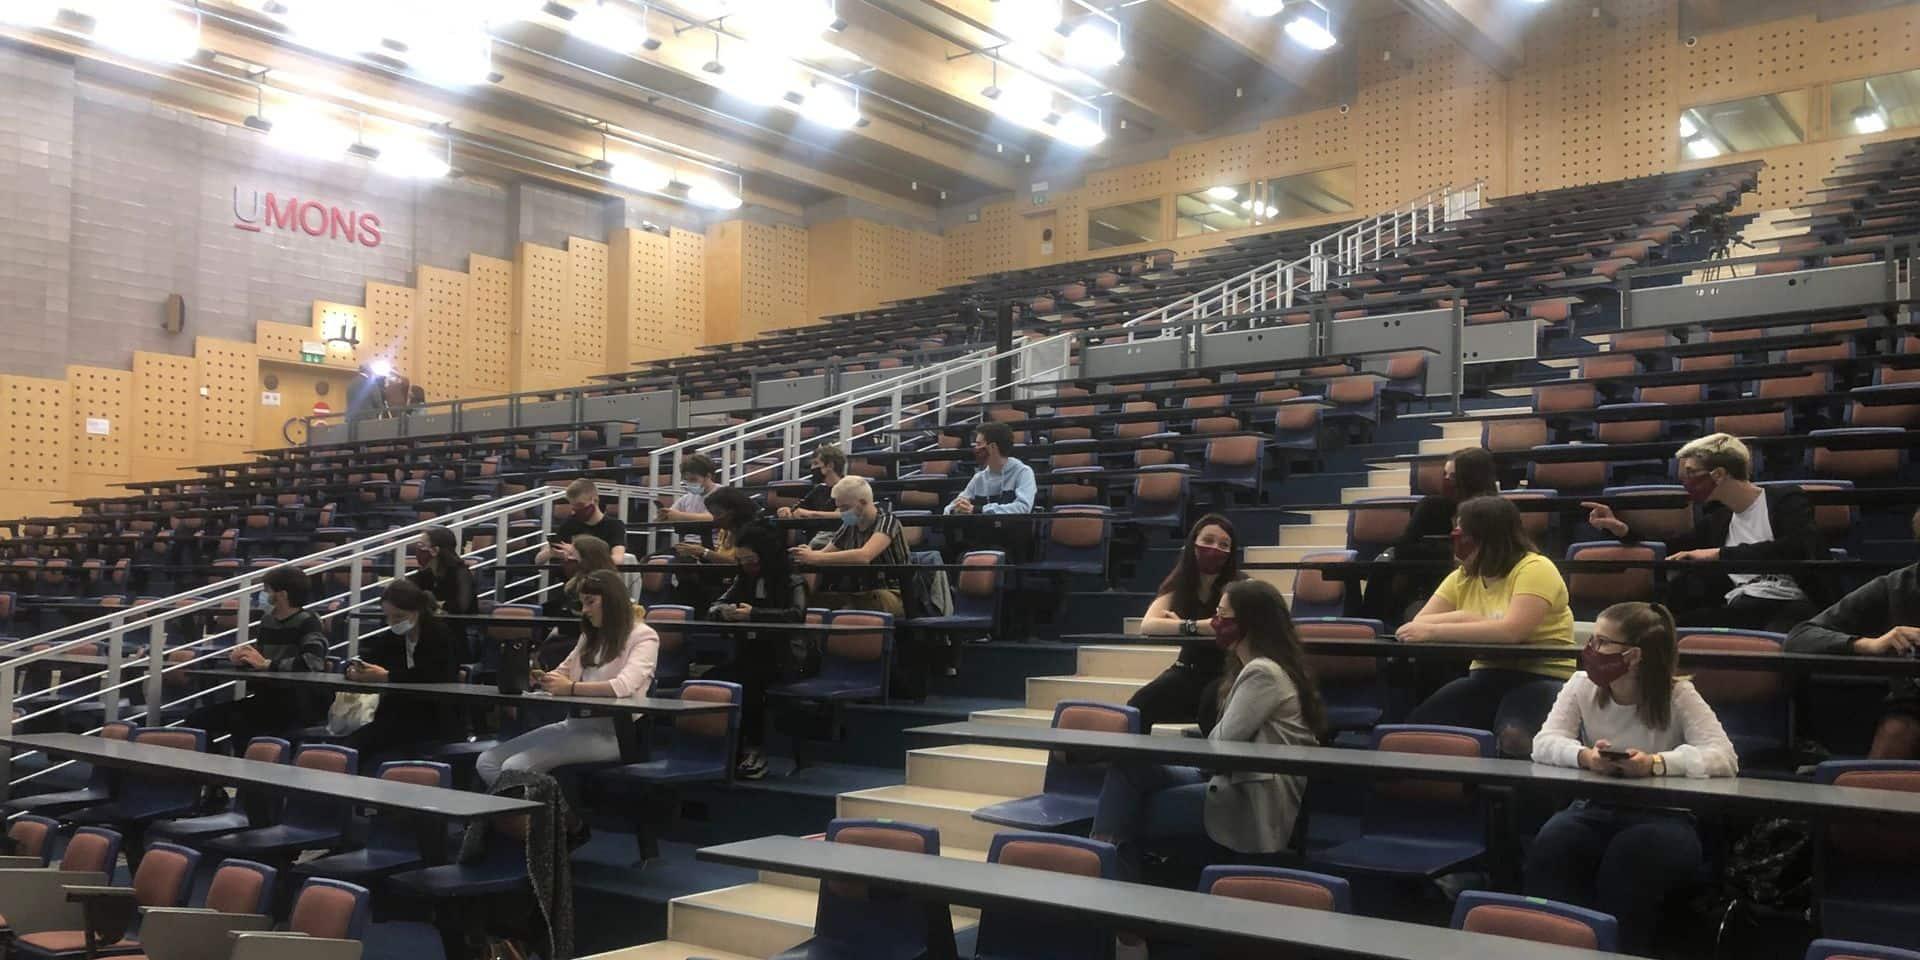 Enseignement supérieur: une réunion se tiendra ce jeudi pour organiser la session d'examens de janvier